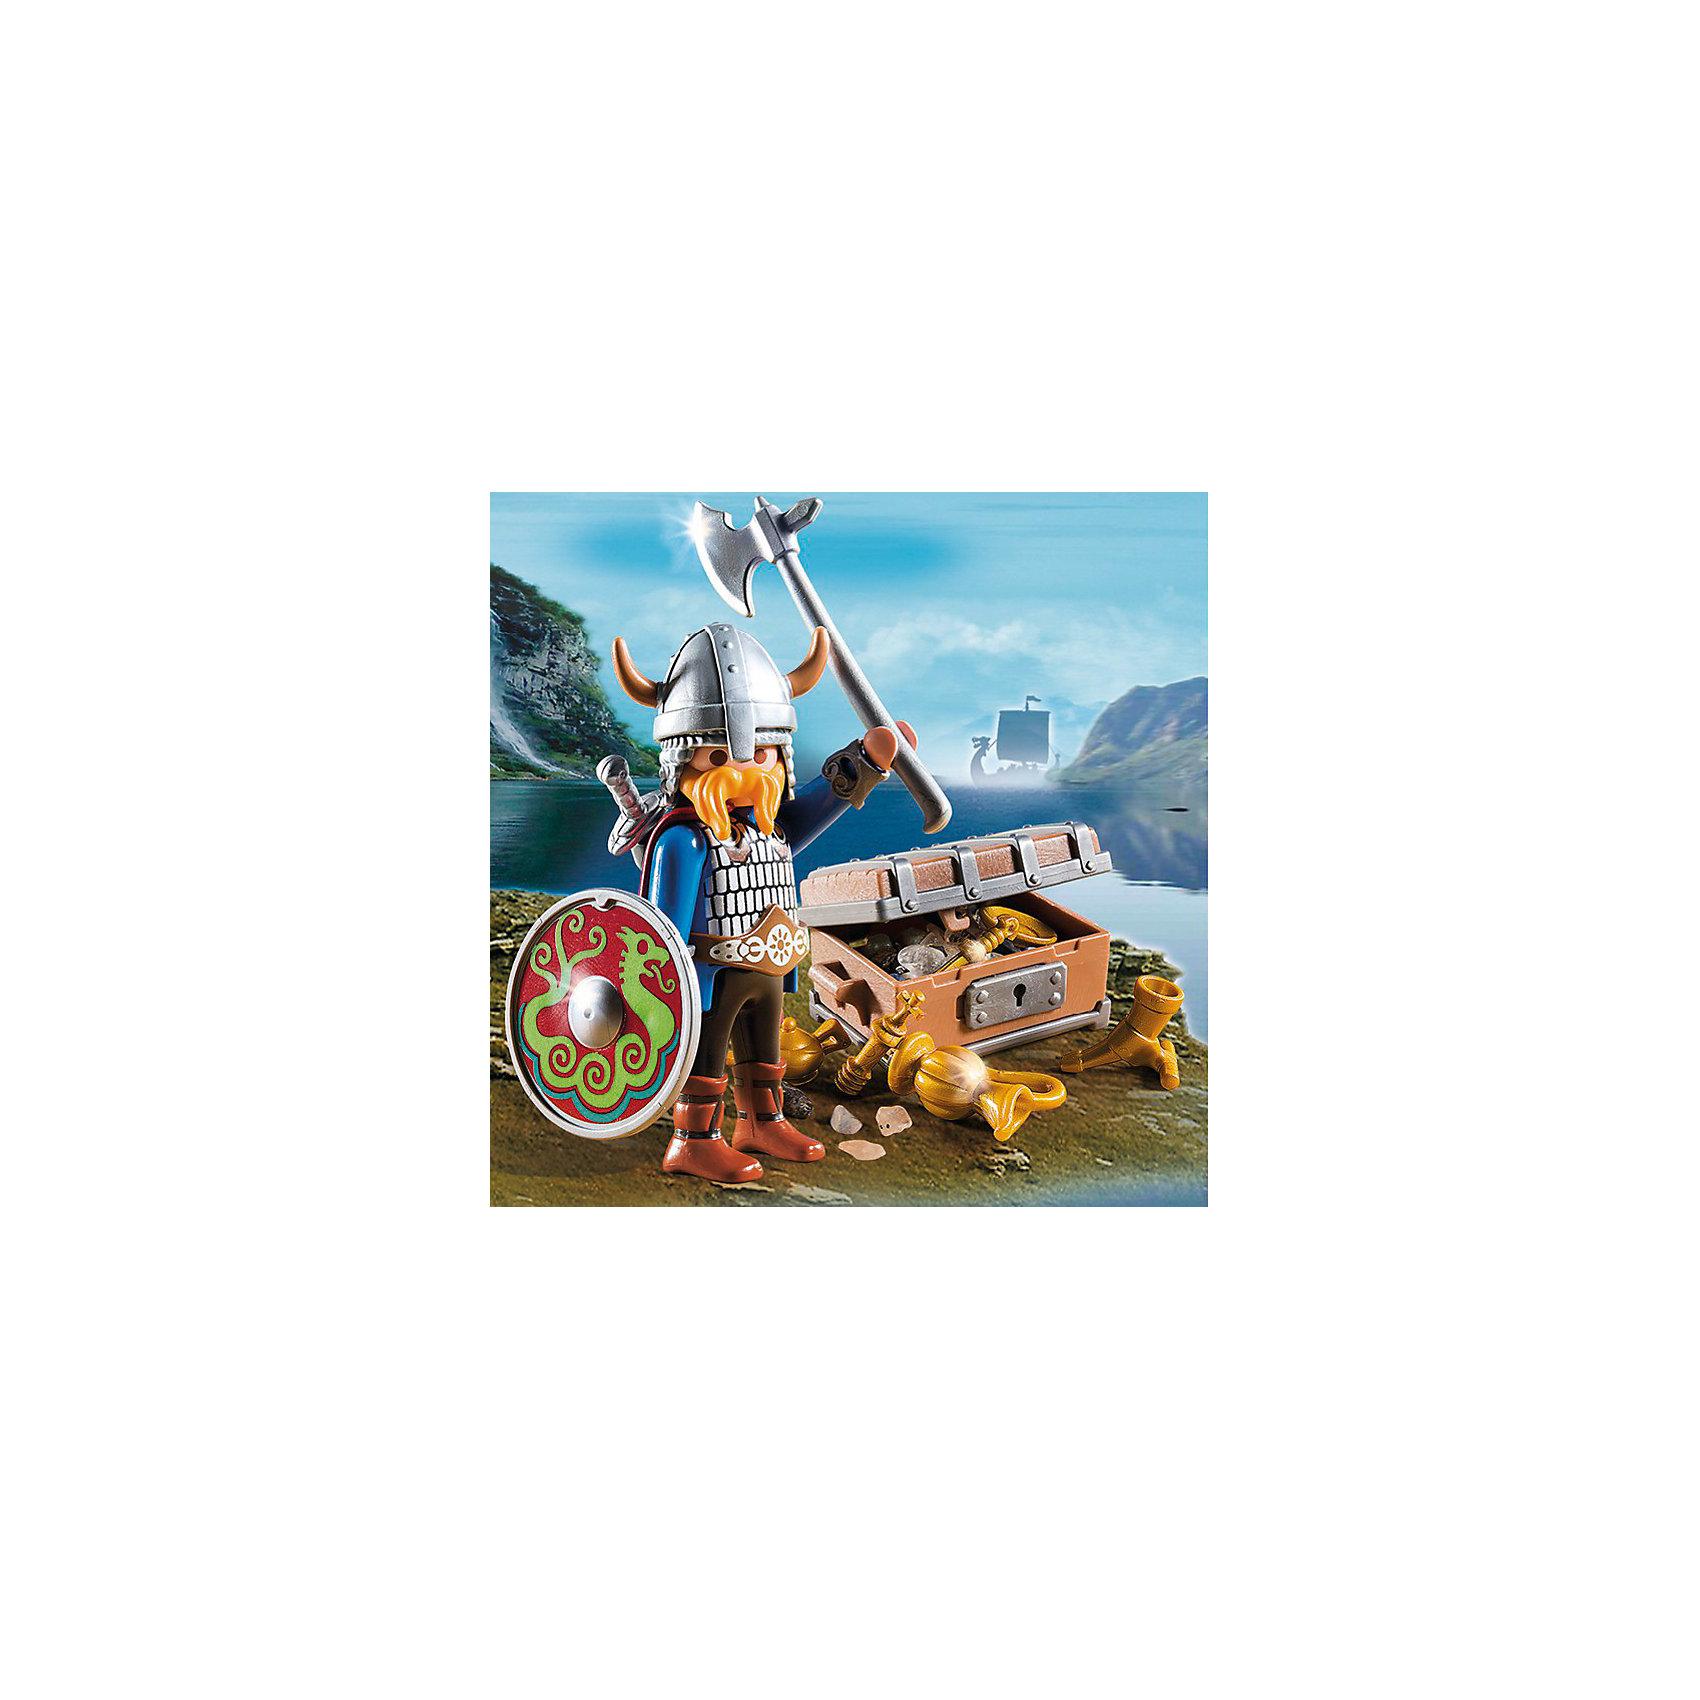 Экстра-набор: Викинг с сокровищами, PLAYMOBILПластмассовые конструкторы<br>В набор входит фигурка викинга, сундук с сокровищами, оружие и аксессуары, которые сделают игру еще реалистичнее и увлекательнее. Фигурка имеет подвижные конечности, в руки можно вложить различные предметы. Все детали прекрасно проработаны и выполнены из высококачественного экологичного пластика безопасного для детей. Играть с таким набором не только приятно и интересно - подобные виды игры развивают мелкую моторику, воображение, творческое мышление.<br><br>Дополнительная информация:<br><br>- 1 фигурка в наборе. <br>- Комплектация: фигурка, сундук, аксессуары, оружие.<br>- Материал: пластик.<br>- Размер упаковки: 13х10х3 см.<br>- Высота фигурки: 7,5 см.<br>- Голова, руки, ноги у фигурки подвижные.<br><br>Экстра-набор: Викинг с сокровищами, PLAYMOBIL (Плеймобил), можно купить в нашем магазине.<br><br>Ширина мм: 136<br>Глубина мм: 93<br>Высота мм: 32<br>Вес г: 81<br>Возраст от месяцев: 48<br>Возраст до месяцев: 120<br>Пол: Мужской<br>Возраст: Детский<br>SKU: 3786456